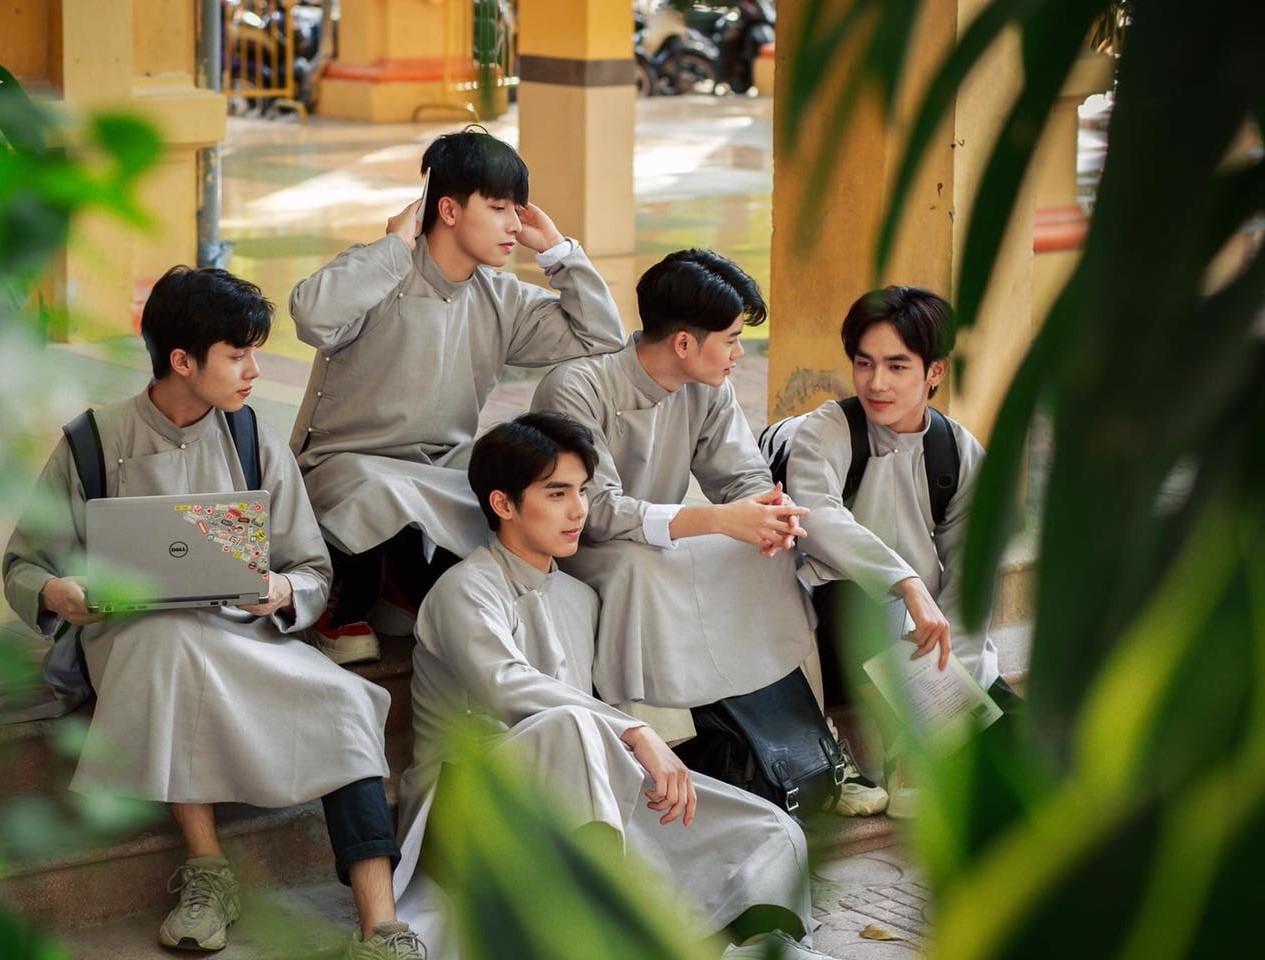 Tra cứu điểm thi THPT quốc gia 2021 tỉnh Nghệ An theo SBD, nhanh chính xác 4